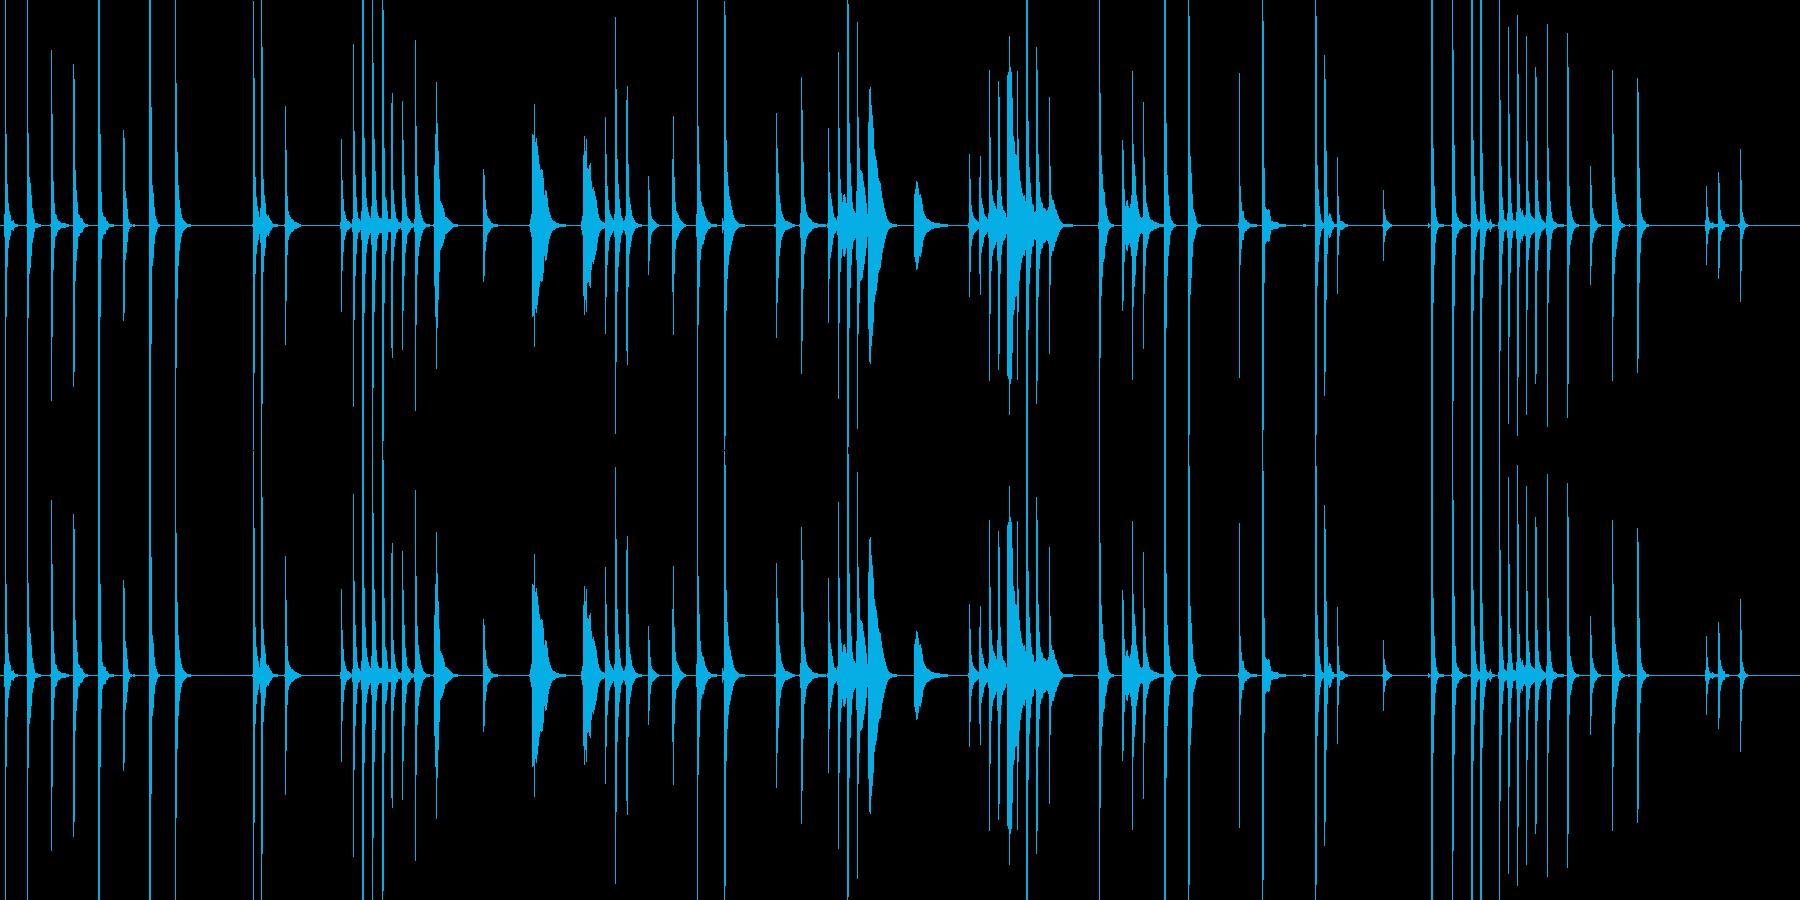 三味線132鷺娘30死ぬ合方長い方妖怪鷺の再生済みの波形